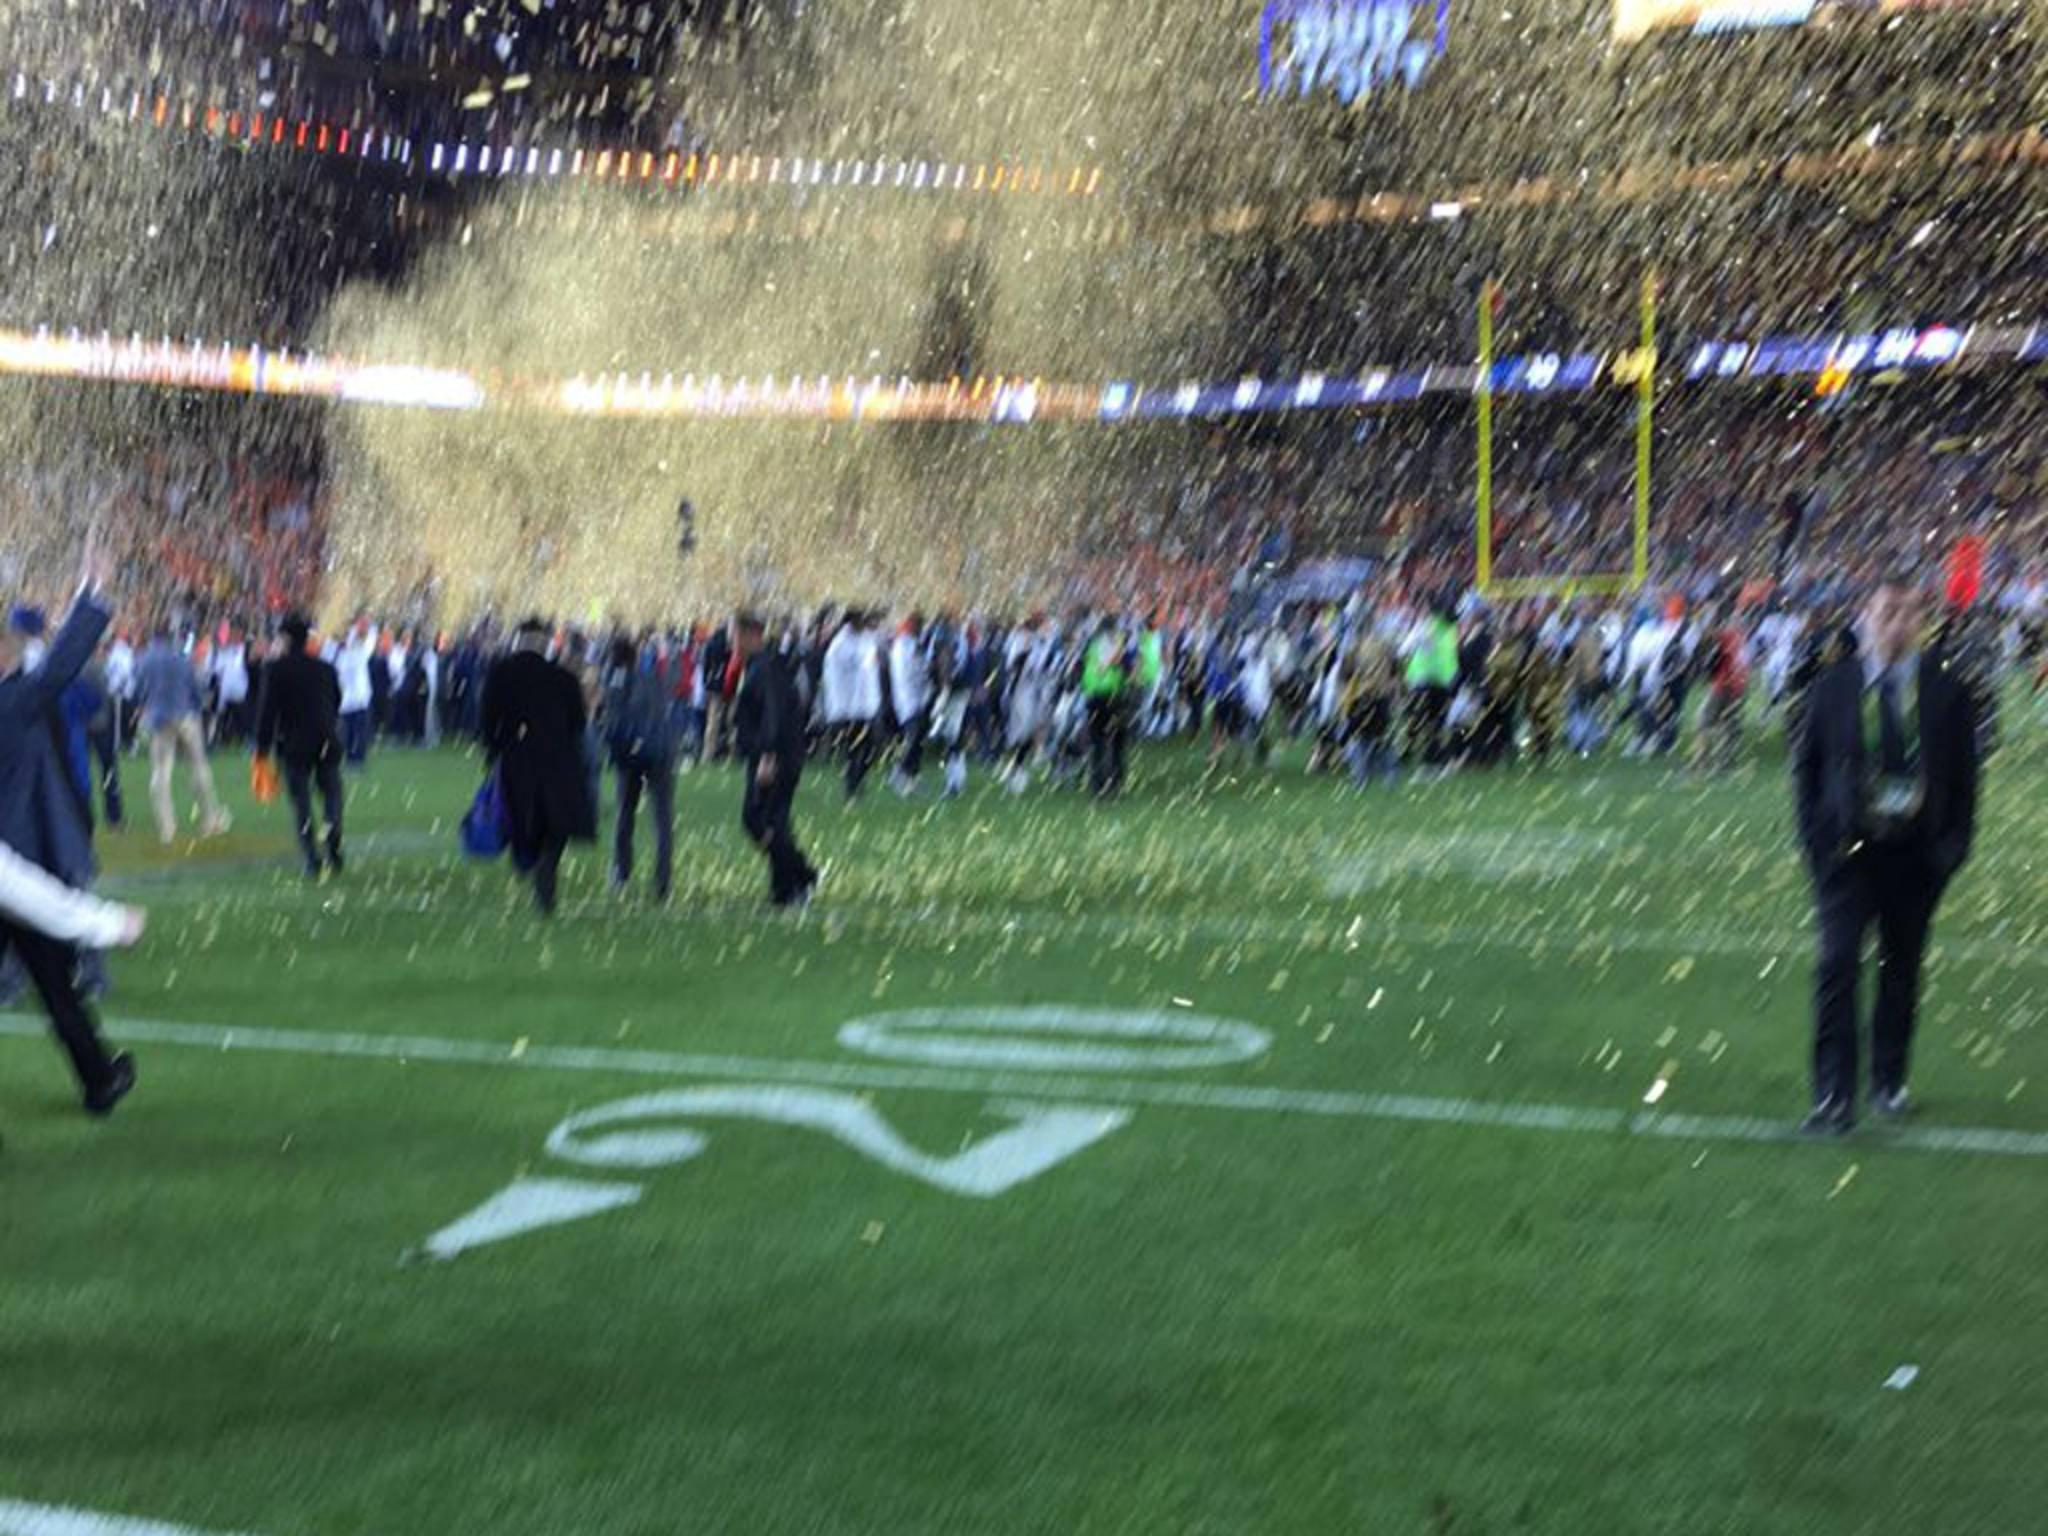 Dieses Foto vom Super Bowl brachte Tim Cook reichlich Spott ein.